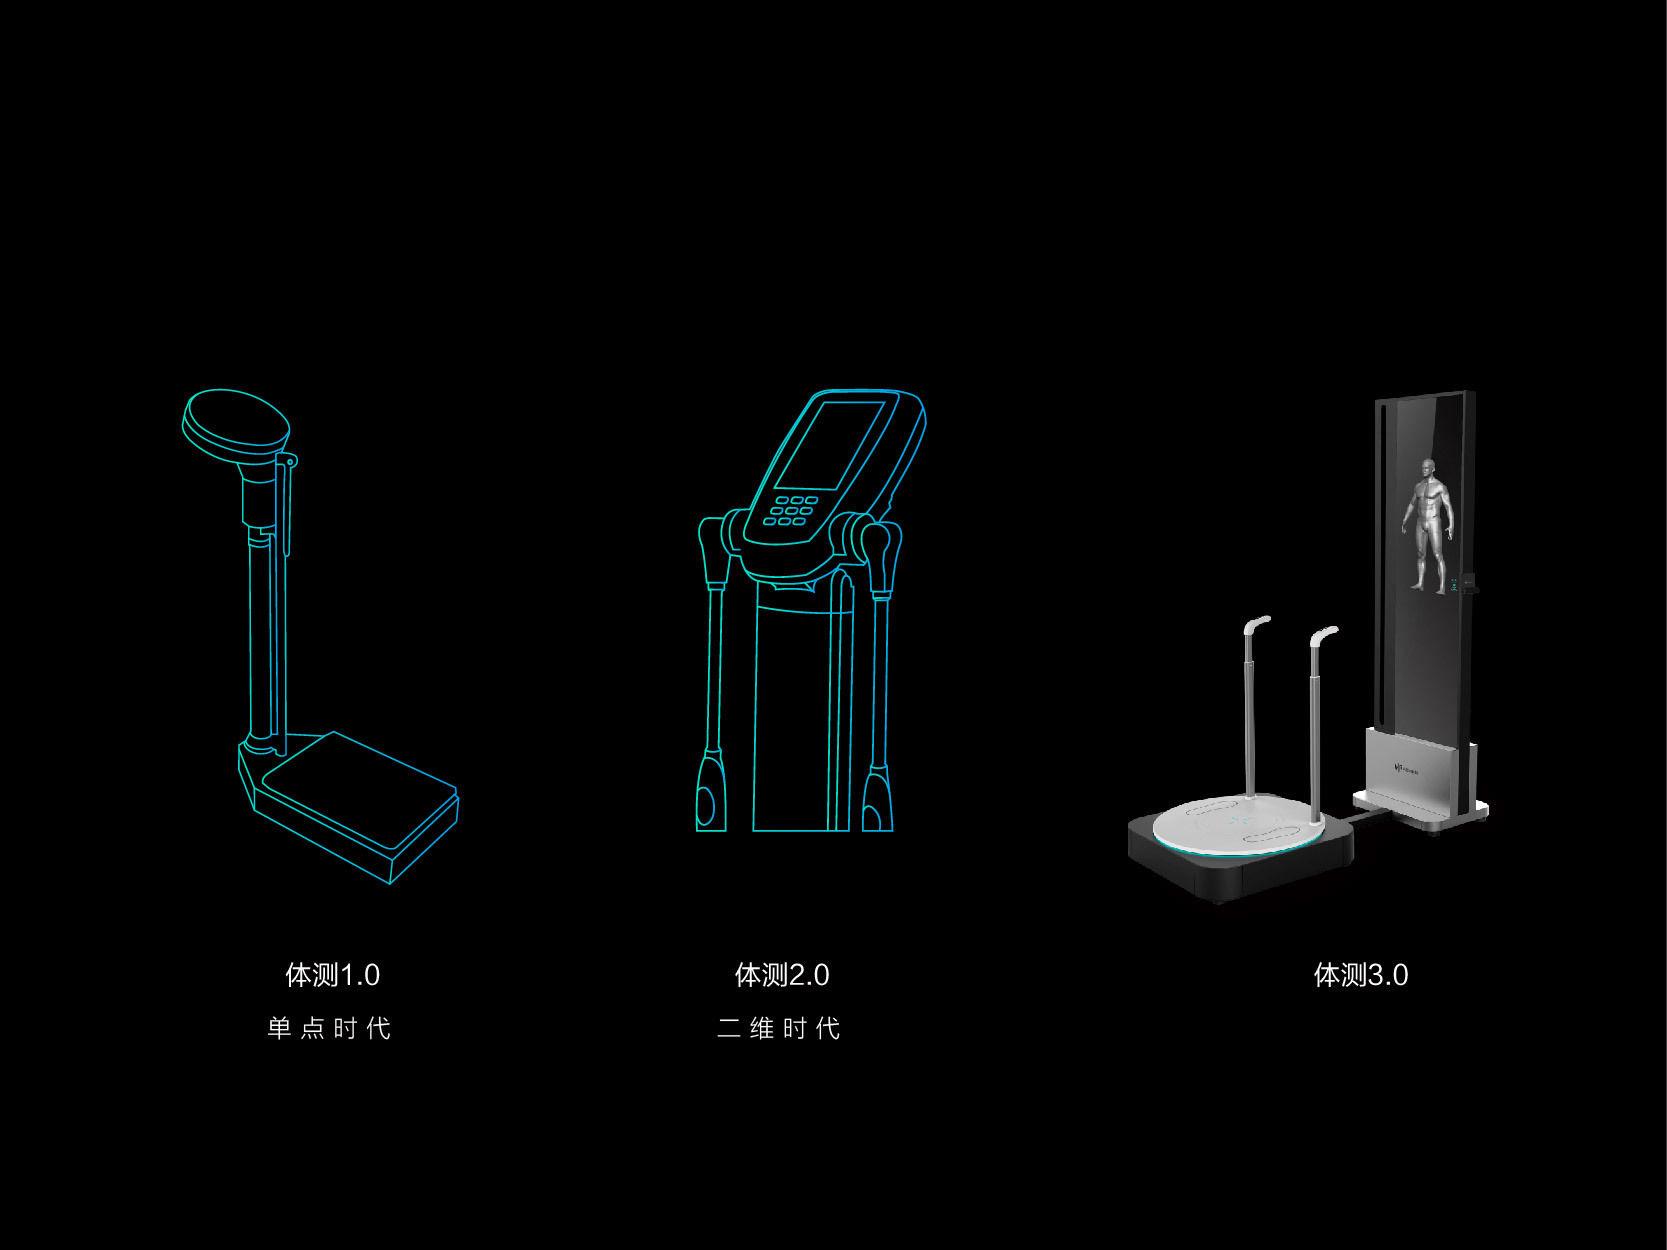 维塑发布 3D 体型追踪仪想让健身房的体测更有说服力